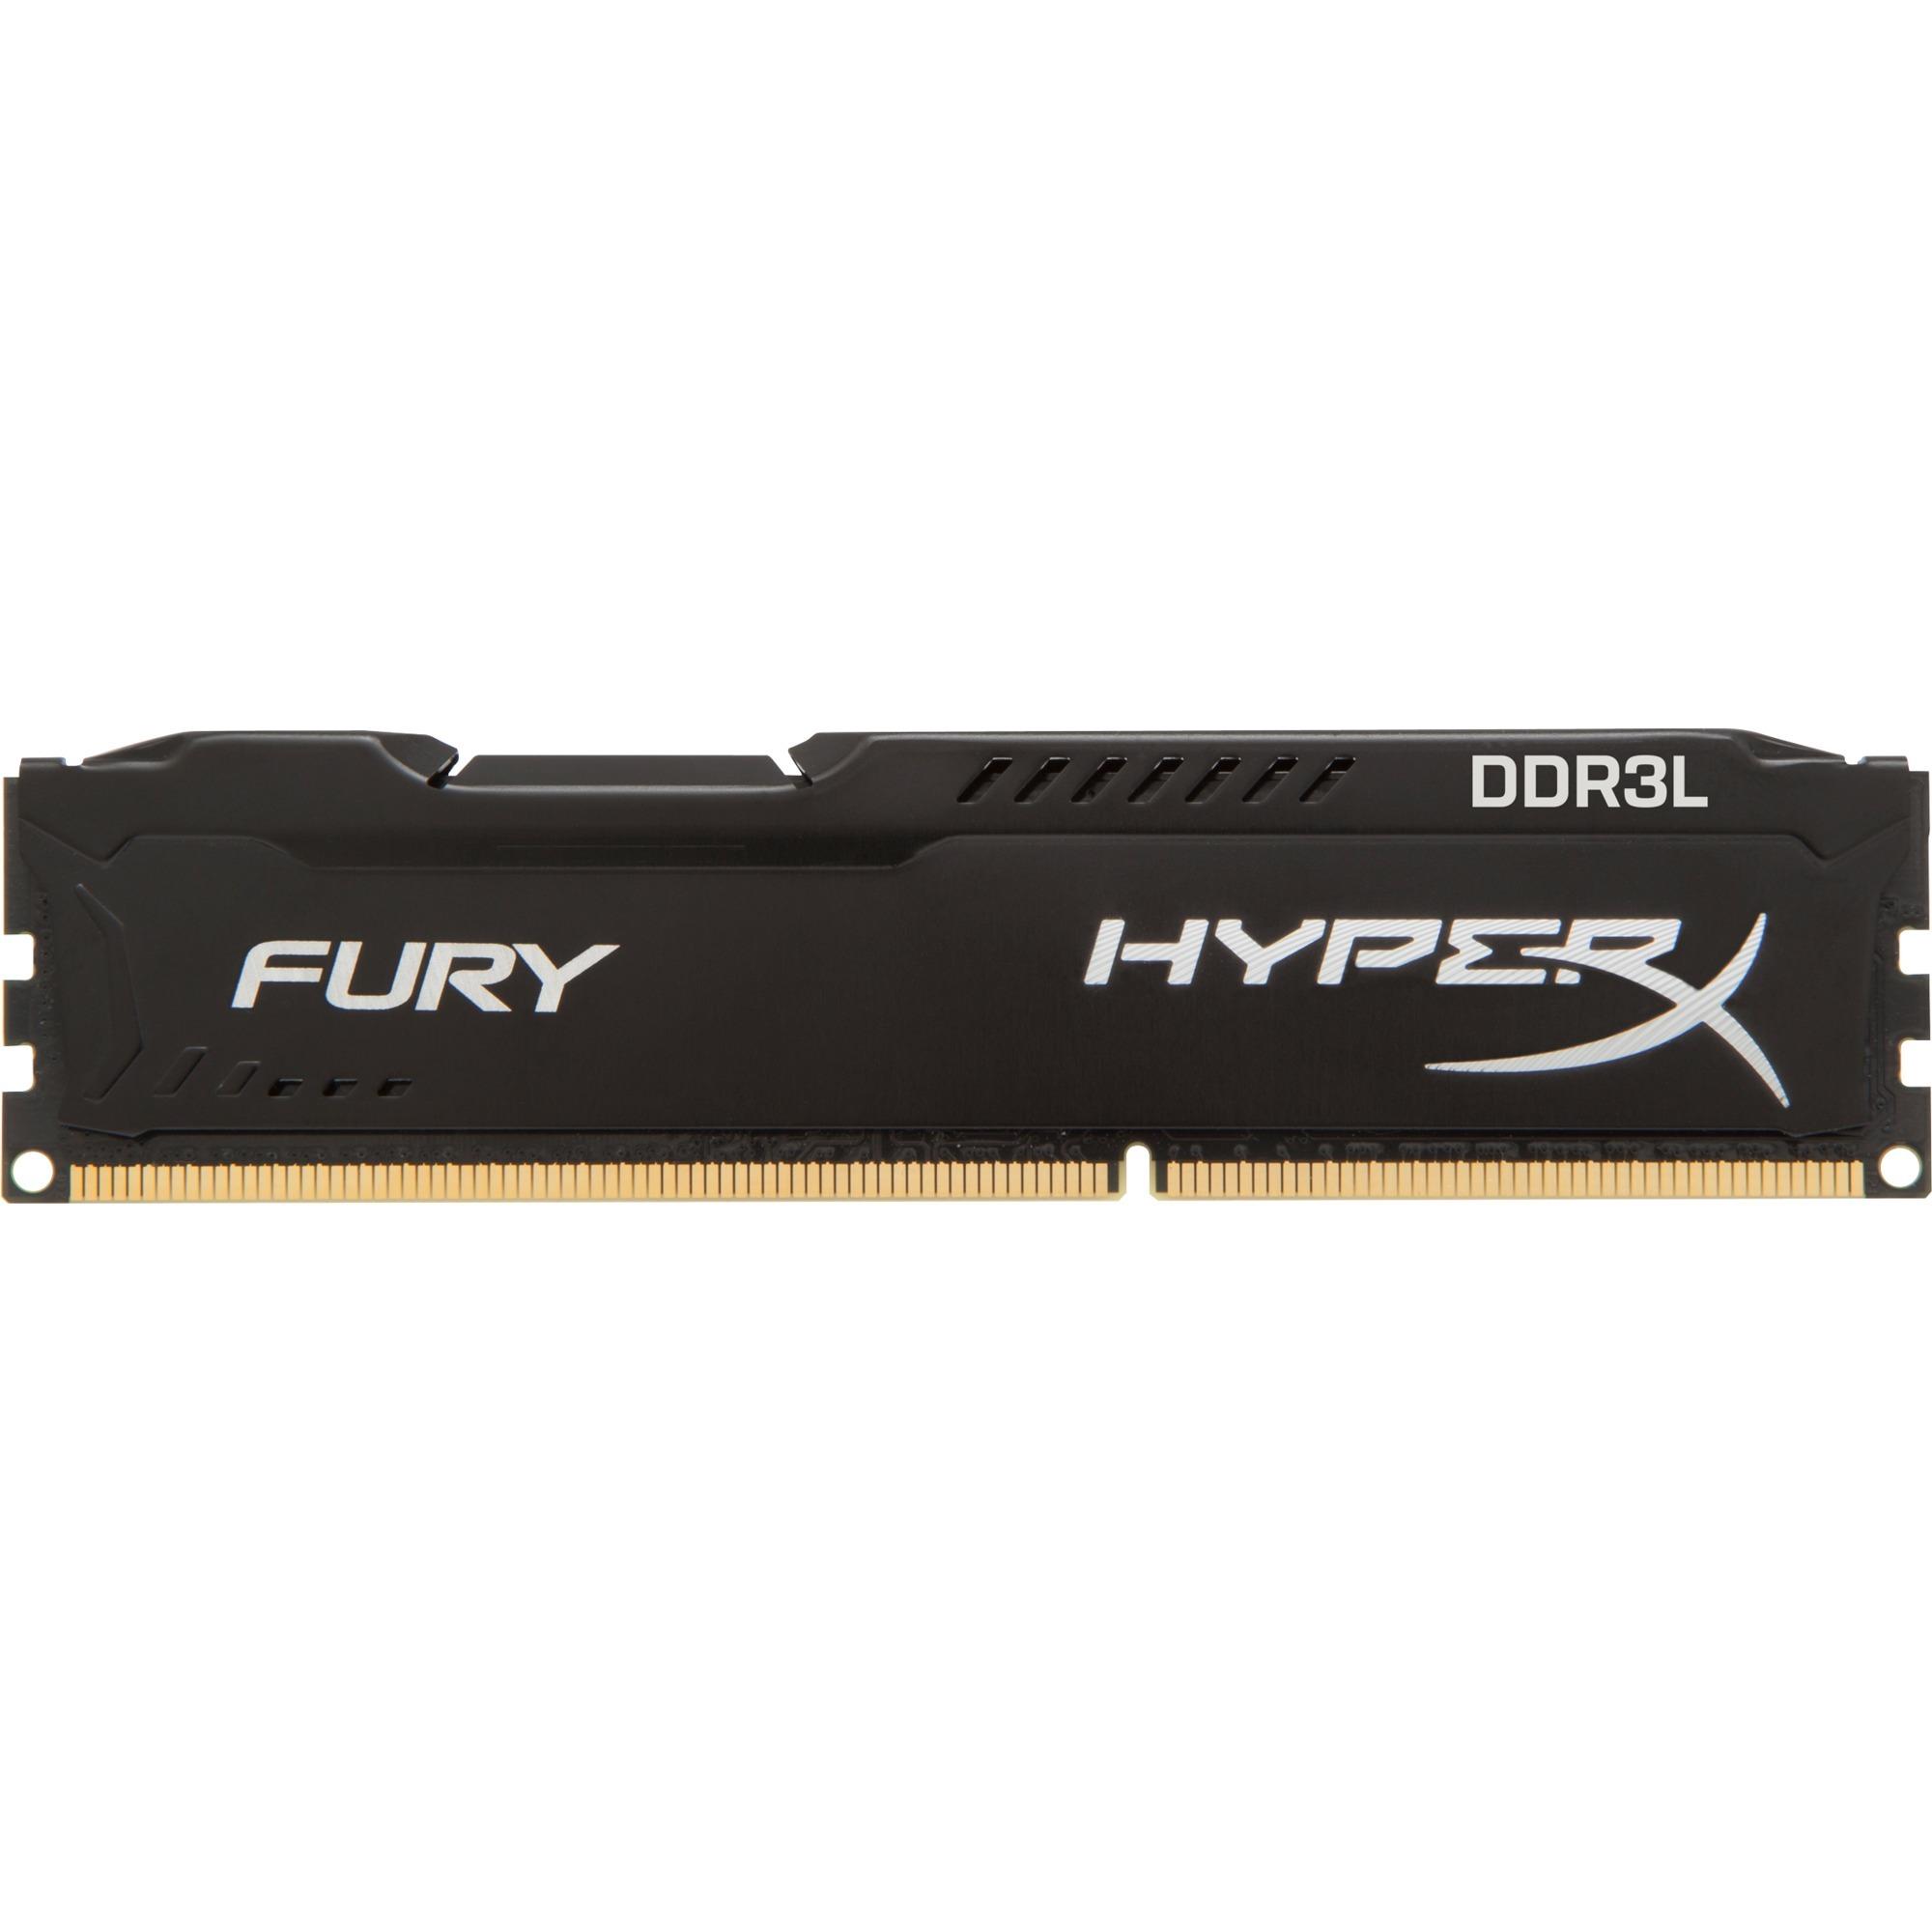 8GB, DDR3L 8GB DDR3L 1866MHz módulo de memoria, Memoria RAM